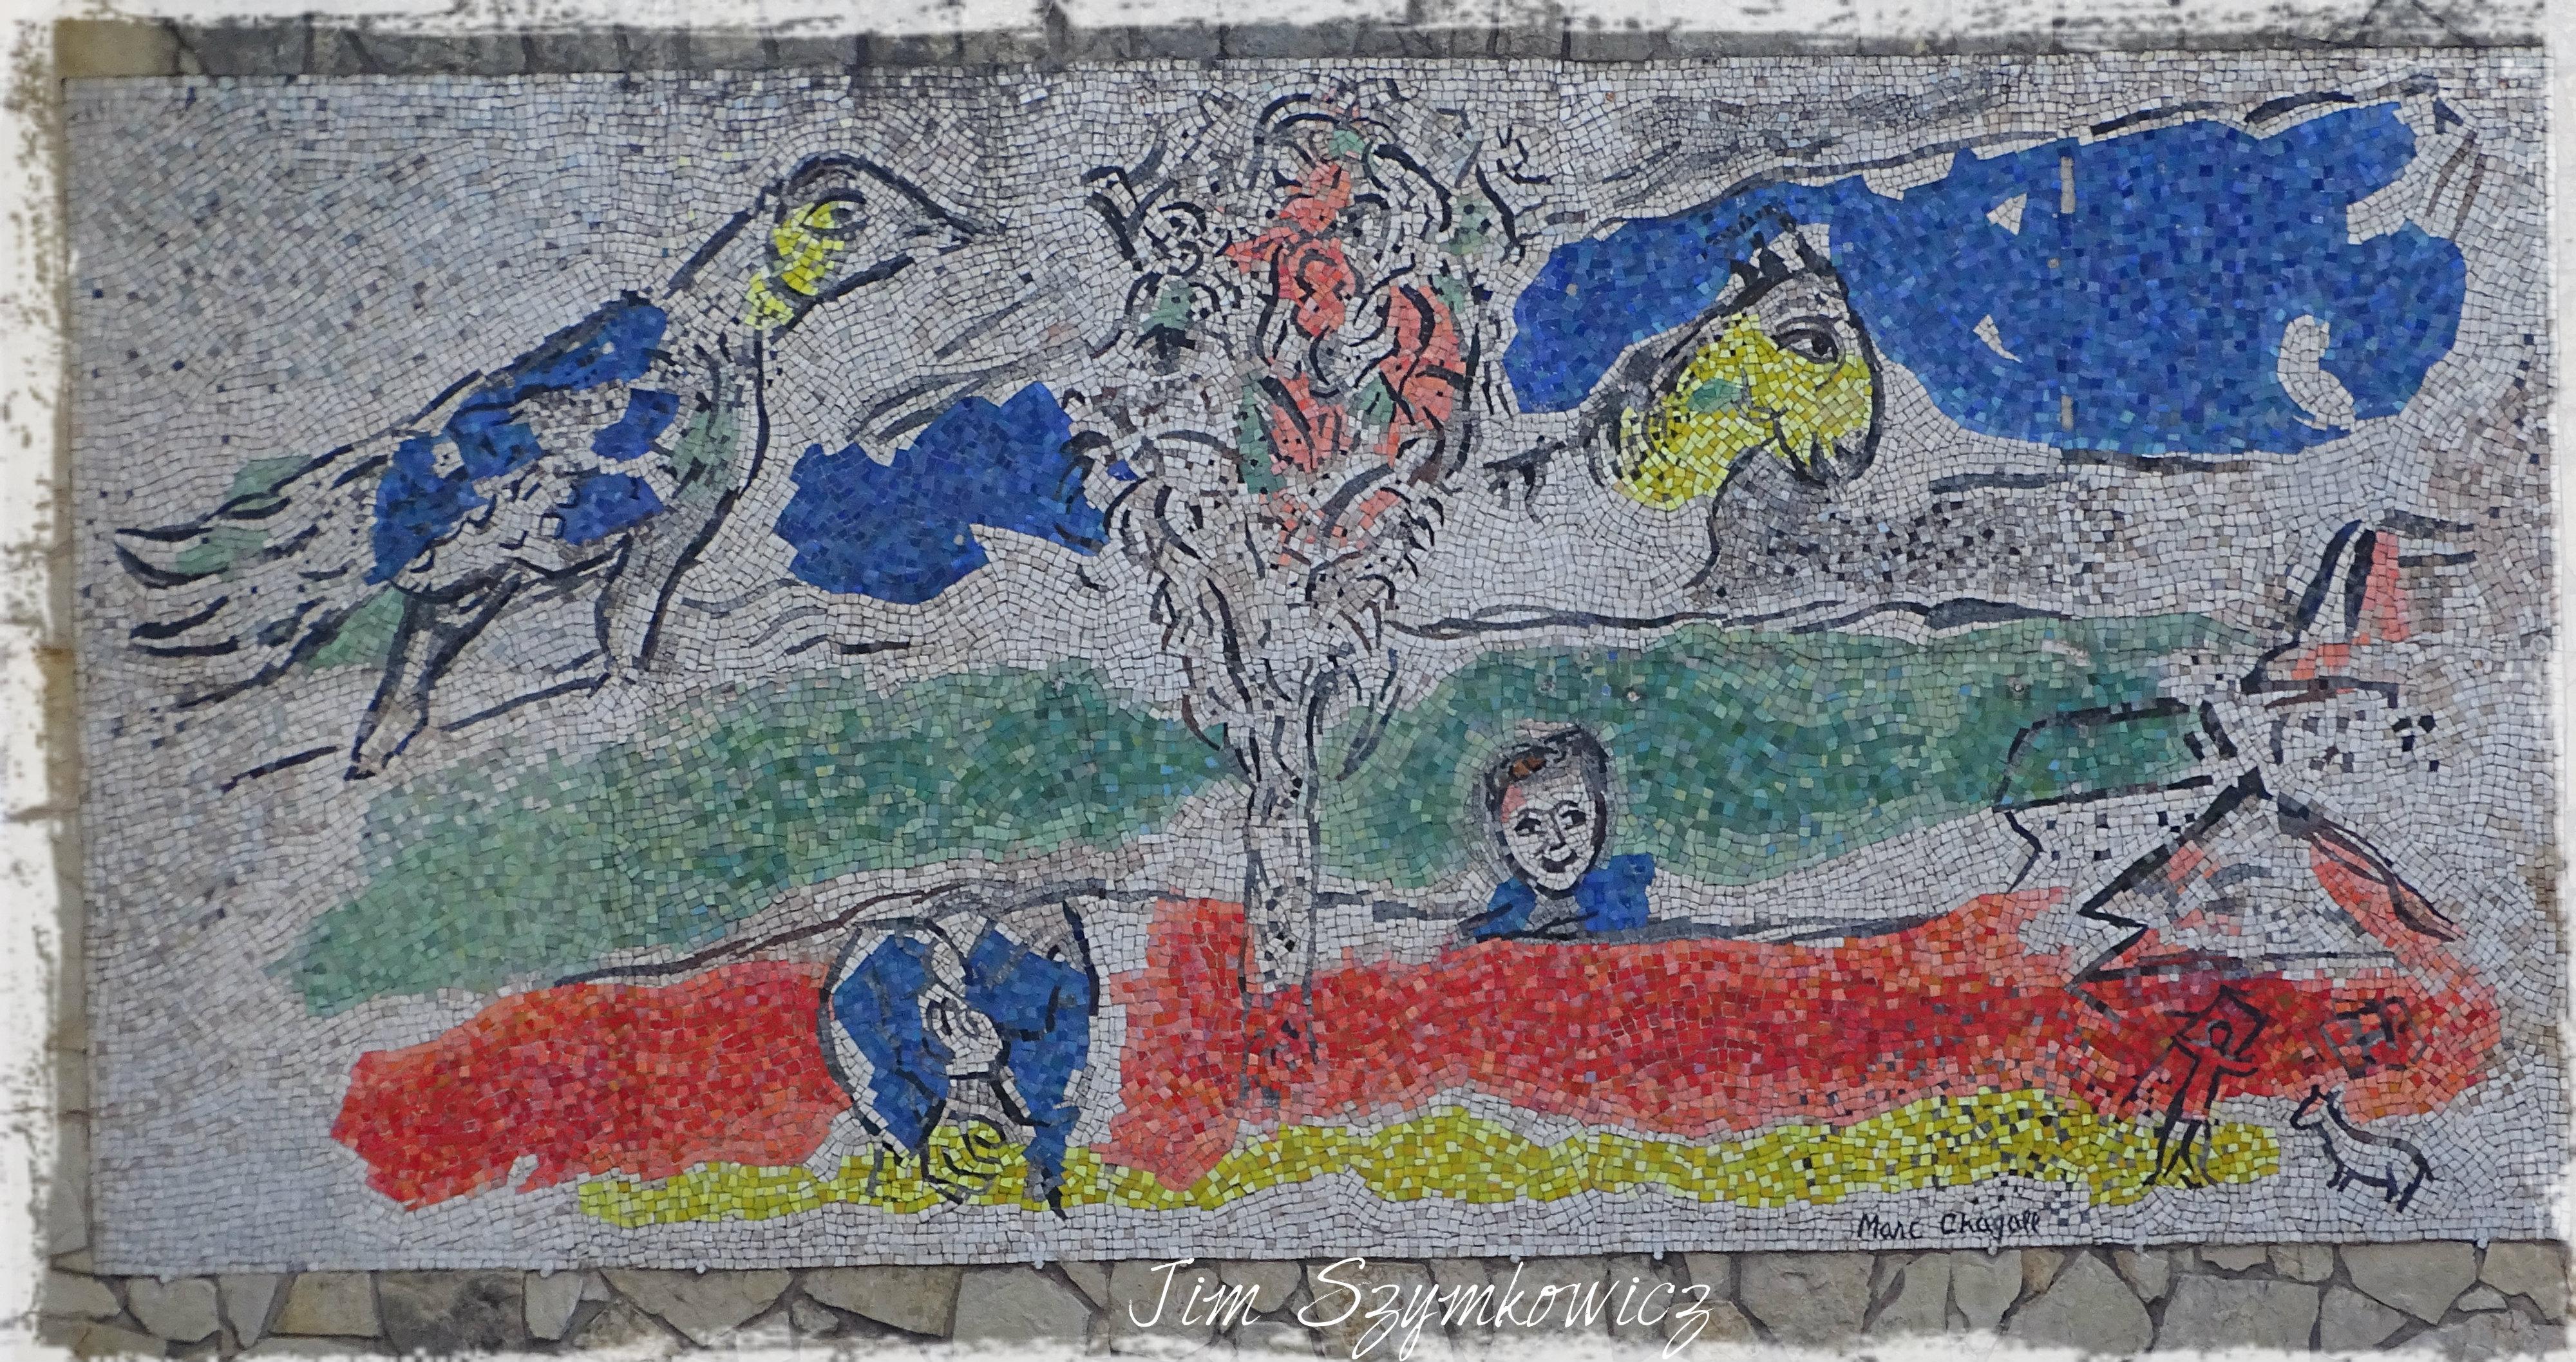 Saint paul de vence magpie 39 s nest patty szymkowicz for Chagall st paul de vence